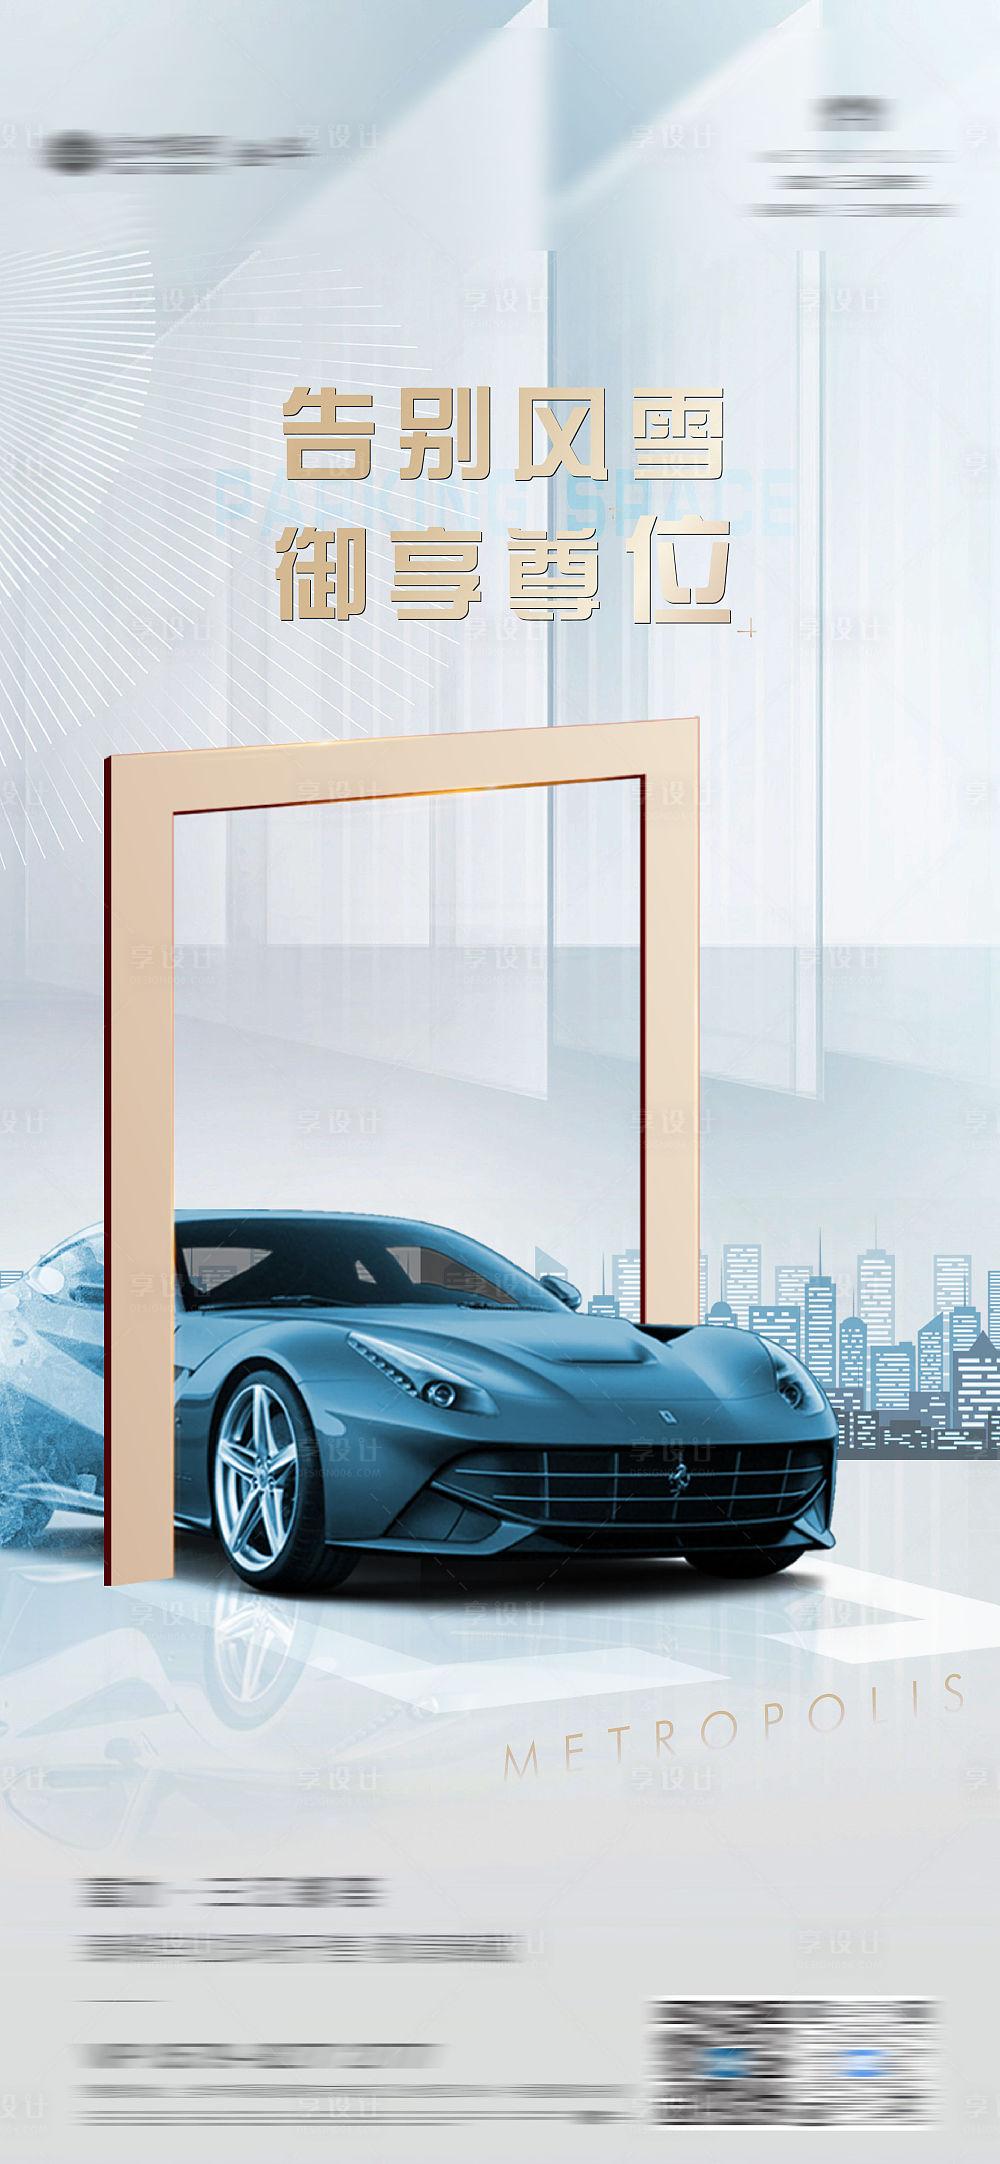 【源文件下载】 海报 房地产 车位 大气 汽车 建筑设计作品 设计图集